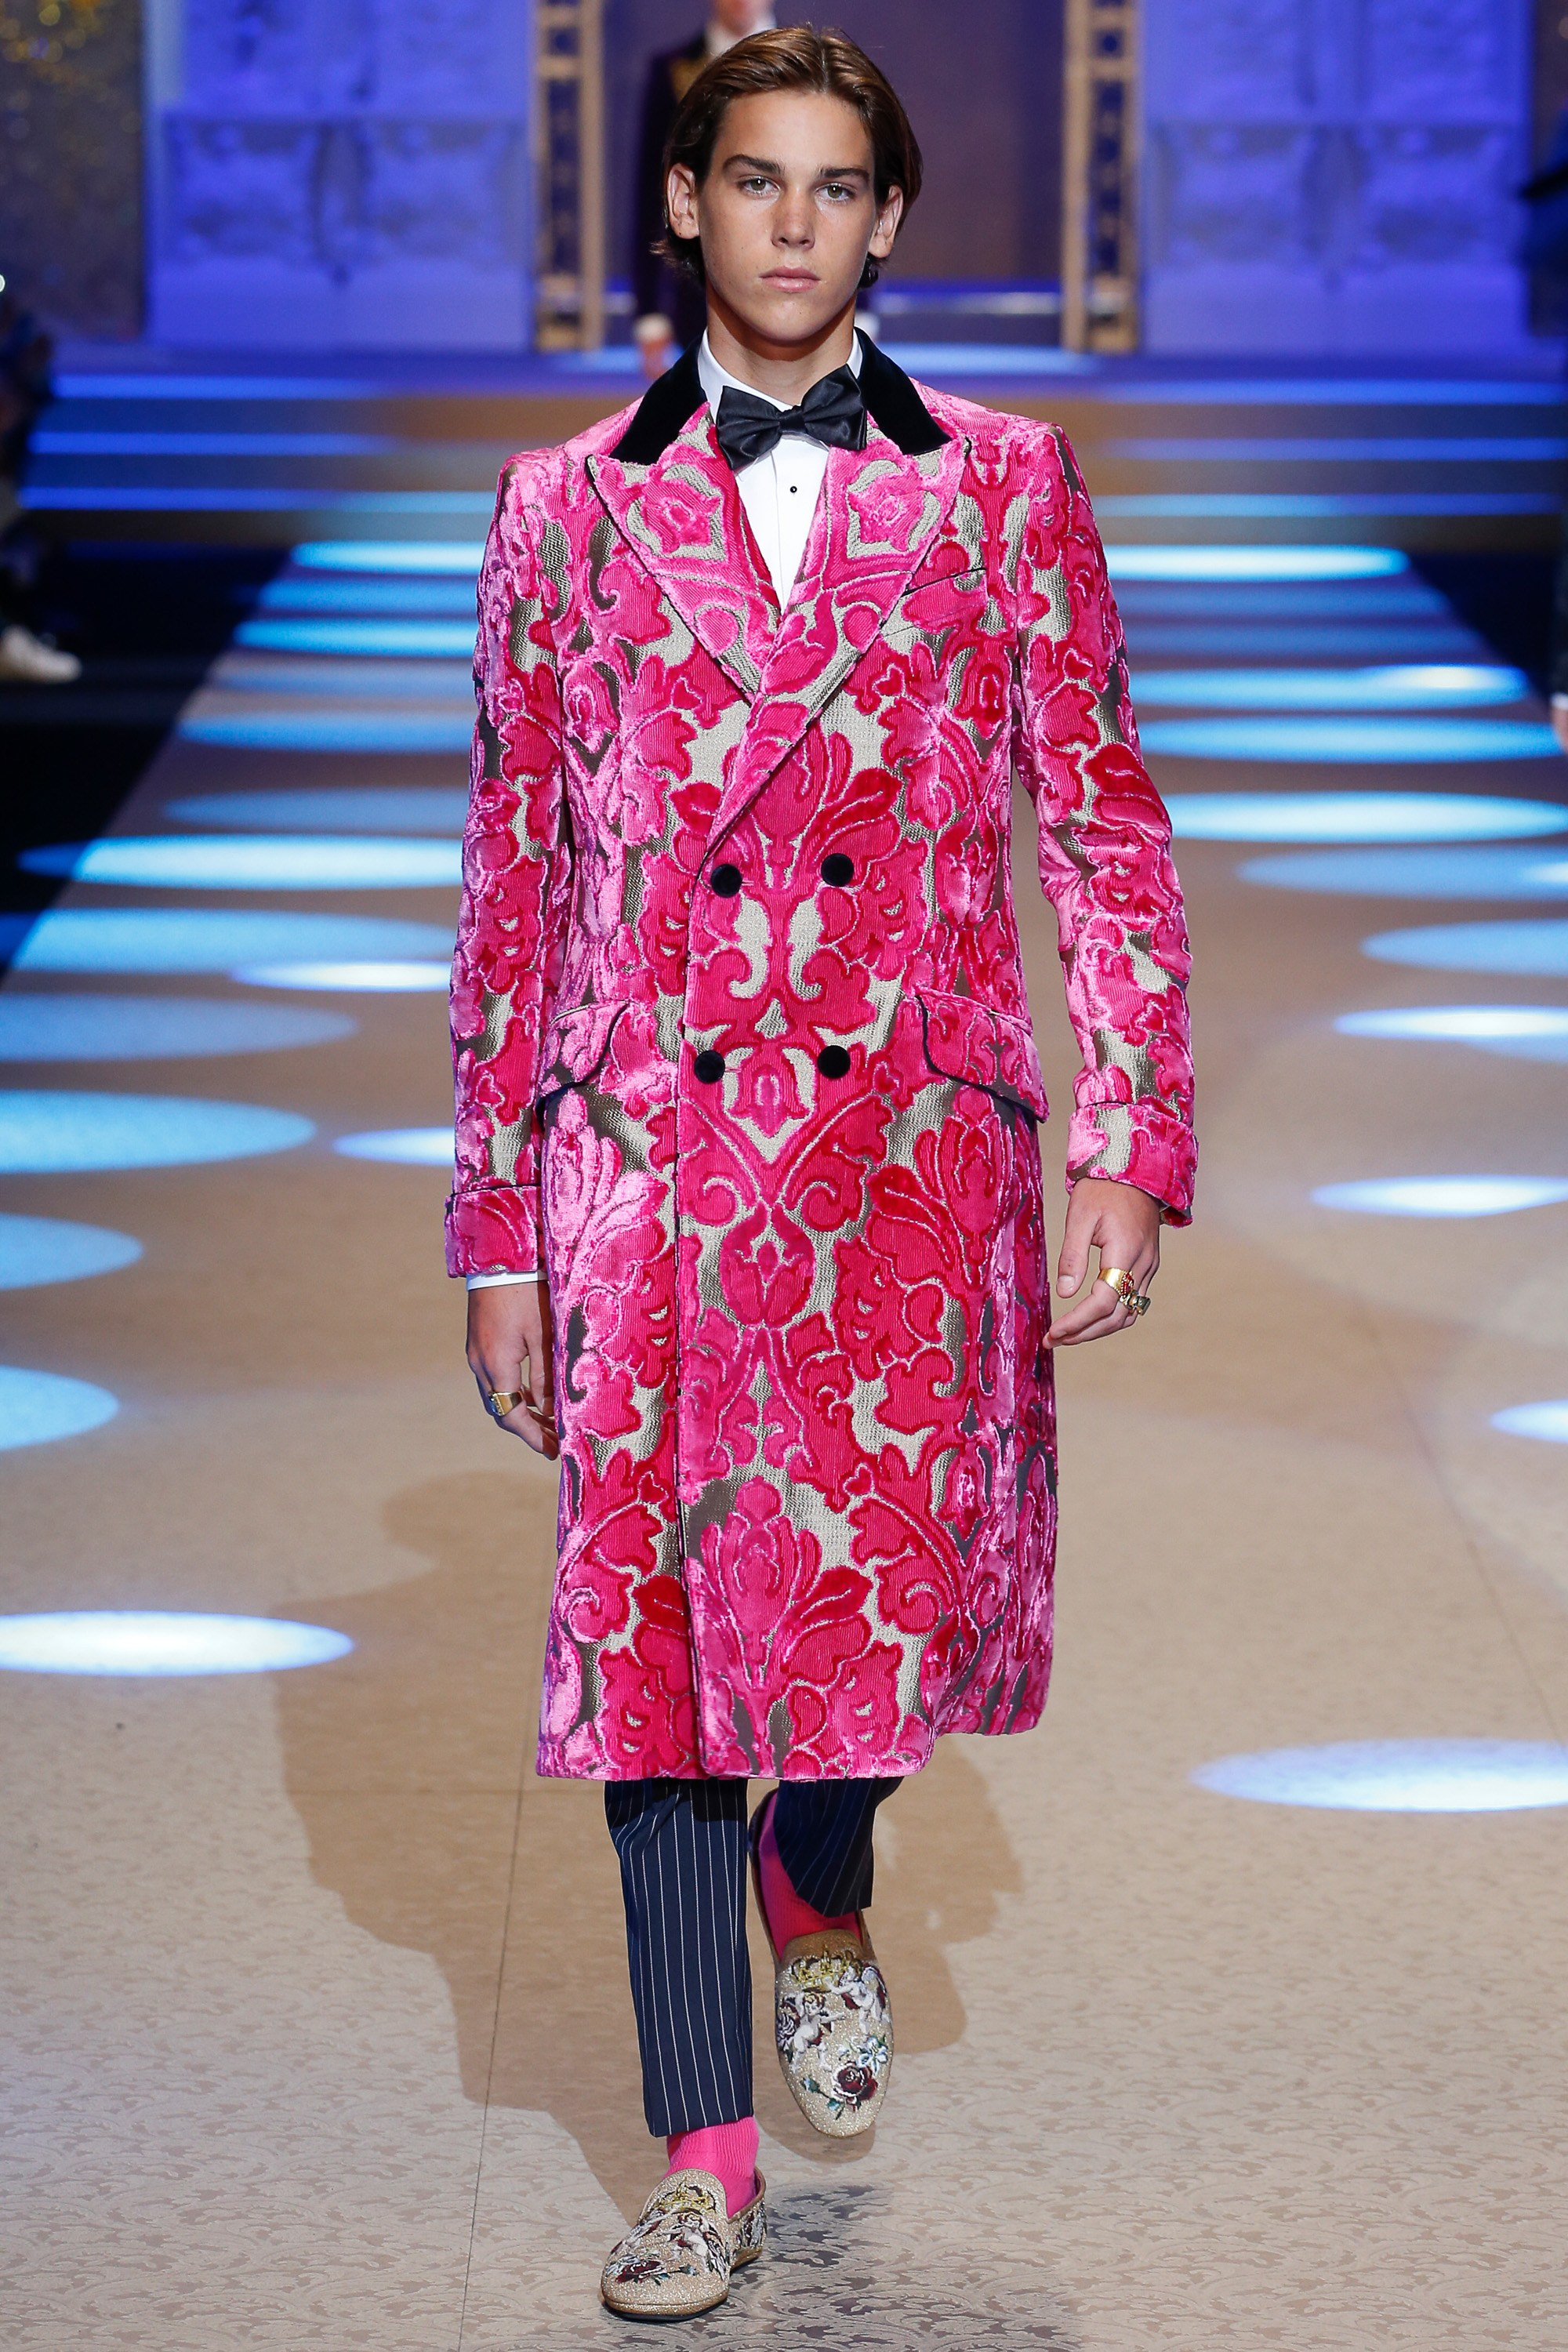 Áo khoác nhung với họa tiết hoa bản lớn. Ảnh: dolcegabbana